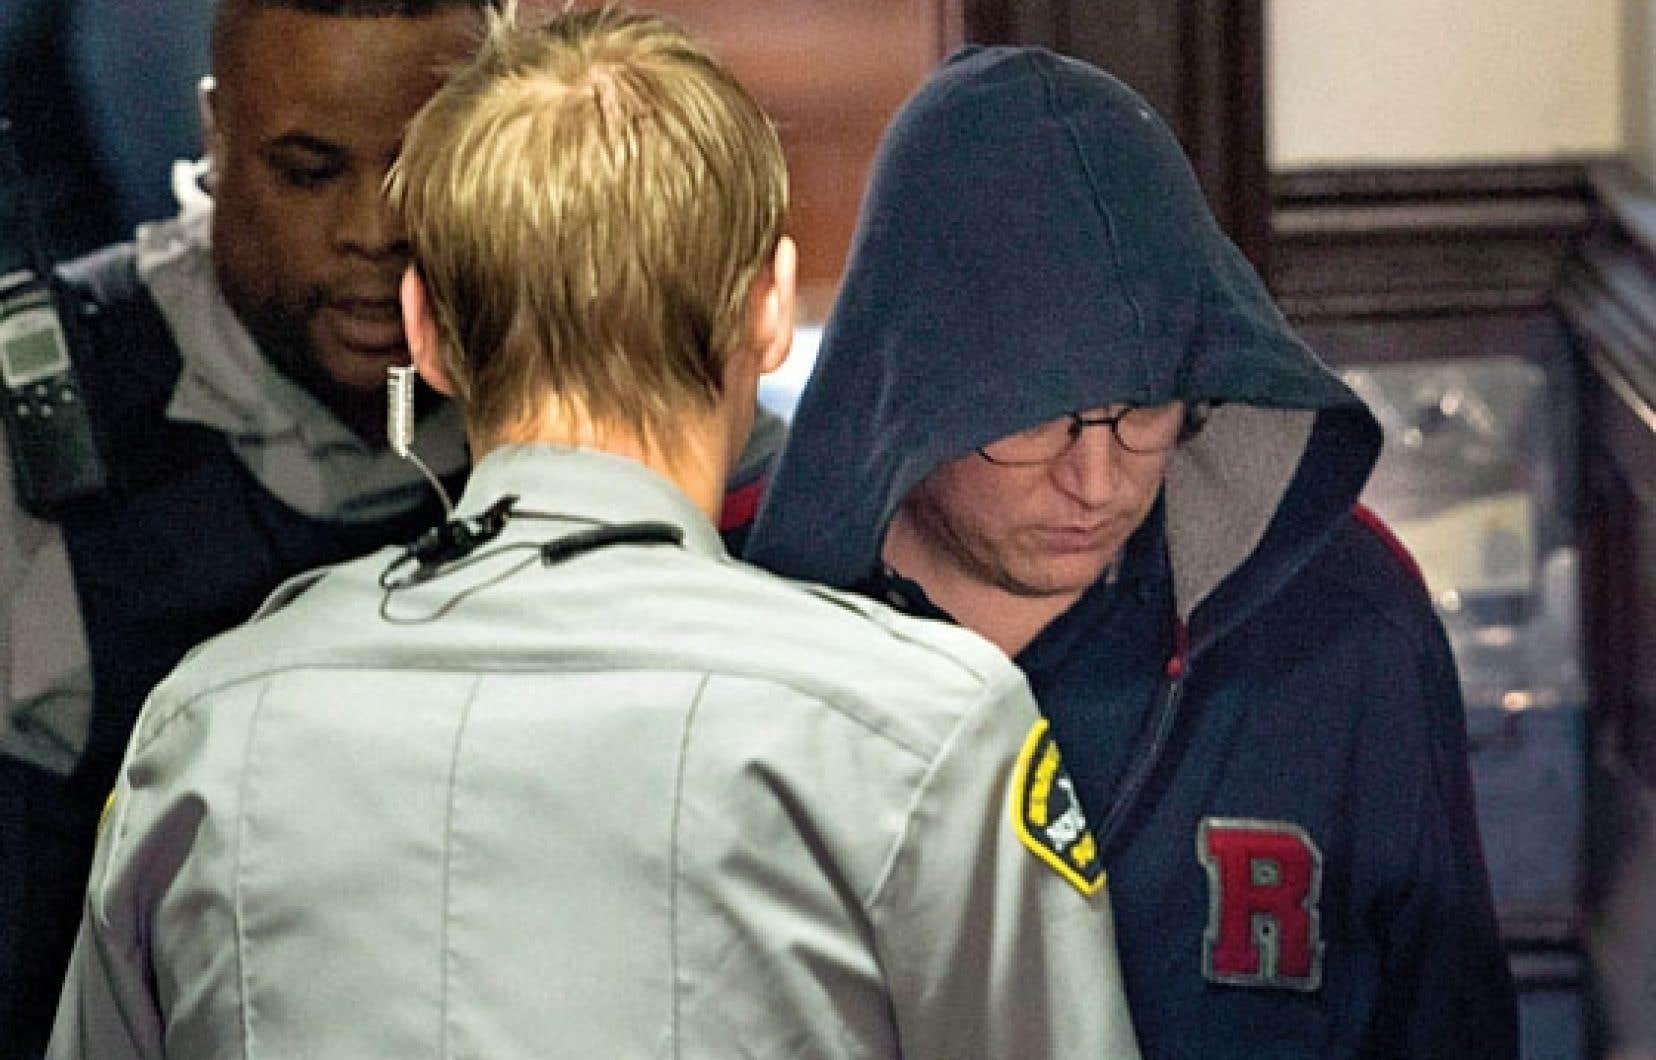 Jeffrey Paul Delisle est la première personne au Canada à être accusée en vertu de la Loi sur la protection de l'information, adoptée par la Chambre des communes après les attentats du 11 septembre 2001 aux États-Unis.